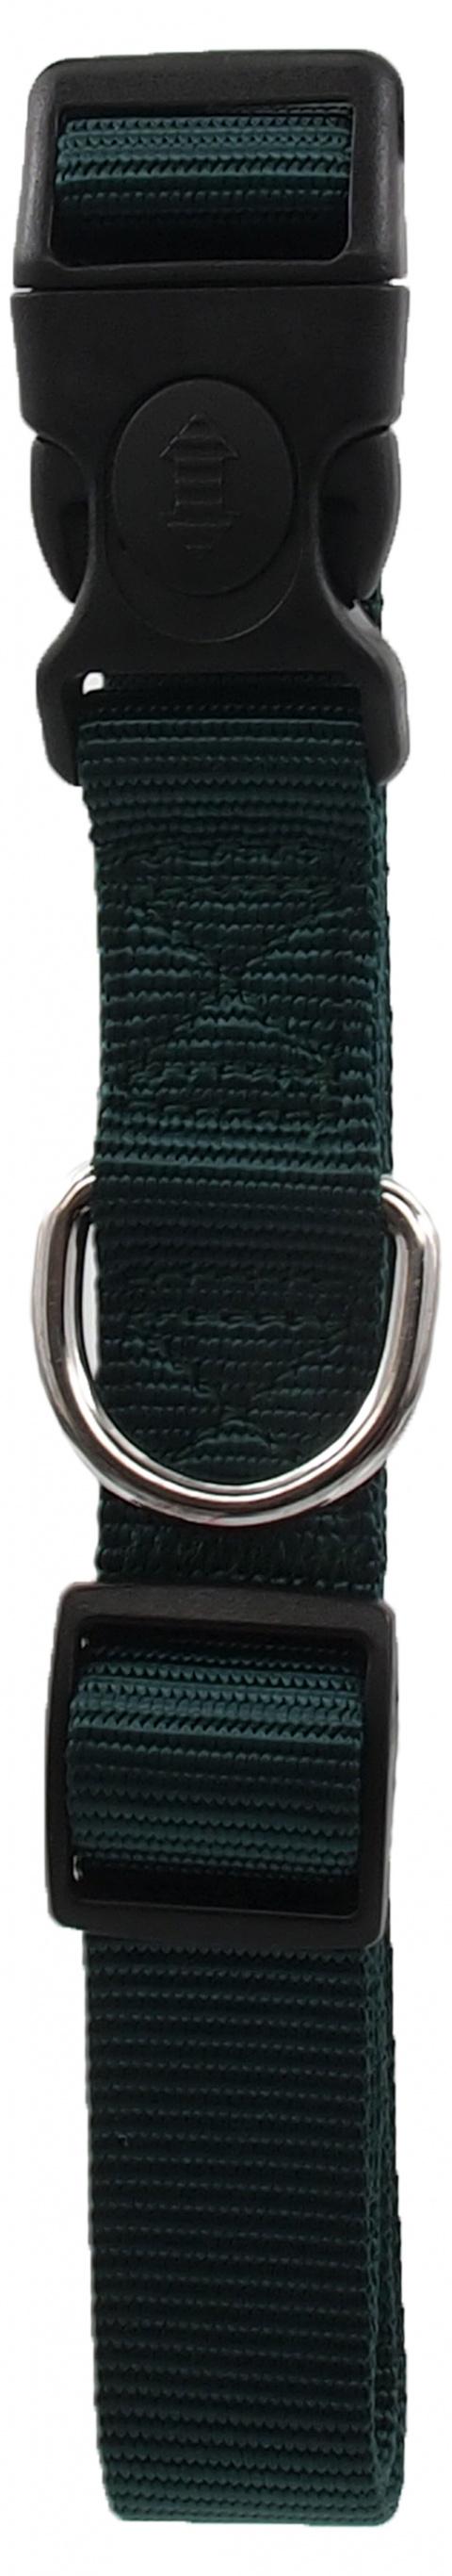 Ошейник - Dog Fantasy Classic Неилон L, 2.5cm, 45-68cm, цвет - зеленый title=